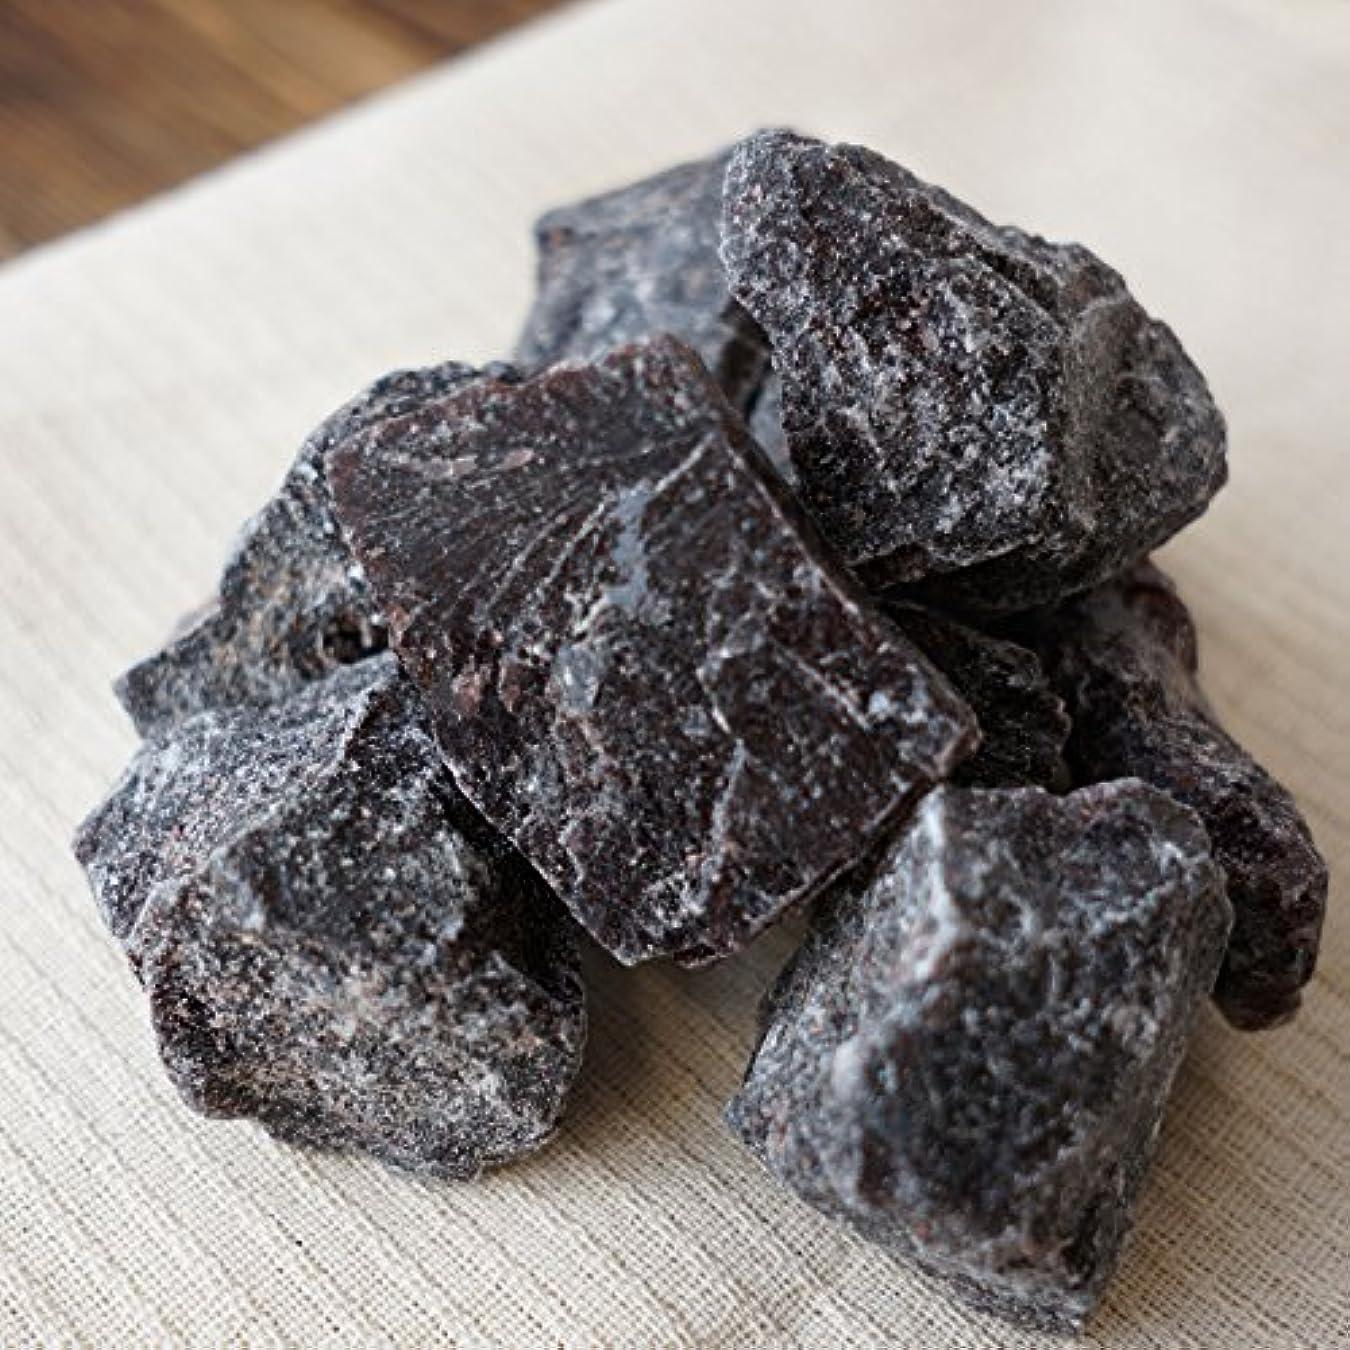 パトワソファー実際の希少 インド岩塩 ルビー ブロック 約2-5cm 20kg 20,000g 原料